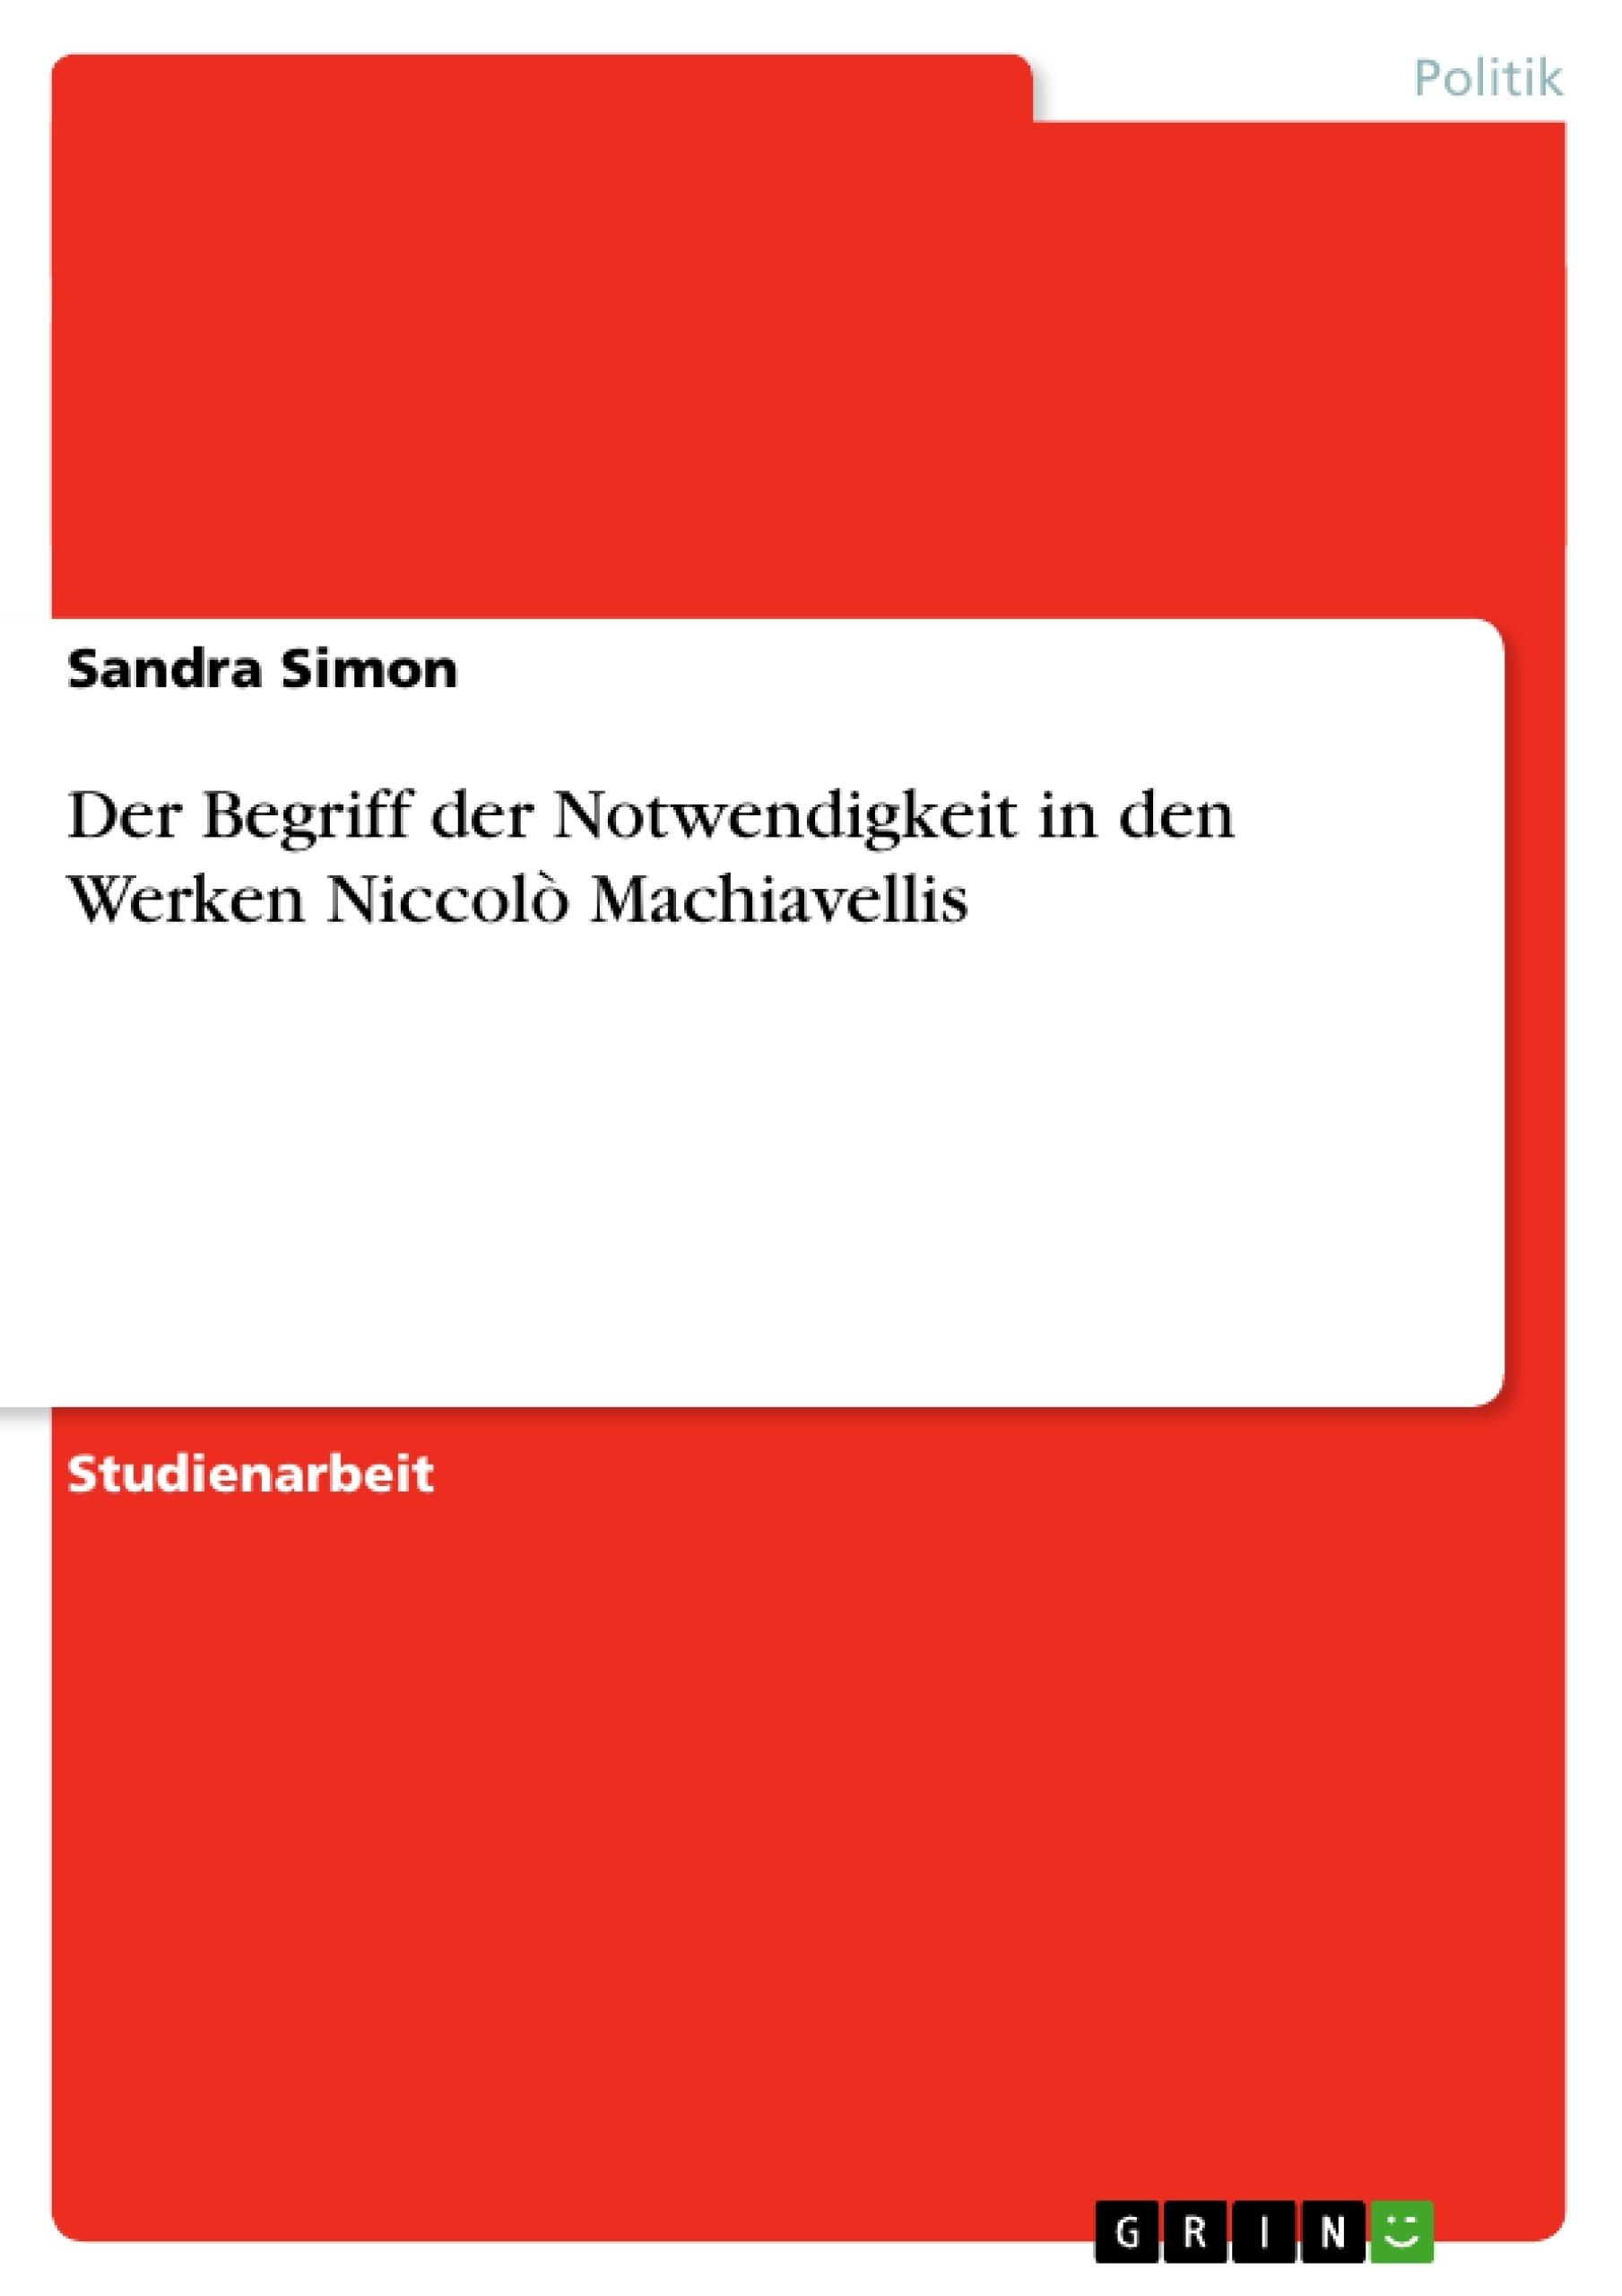 Titel: Der Begriff der Notwendigkeit in den Werken Niccolò Machiavellis